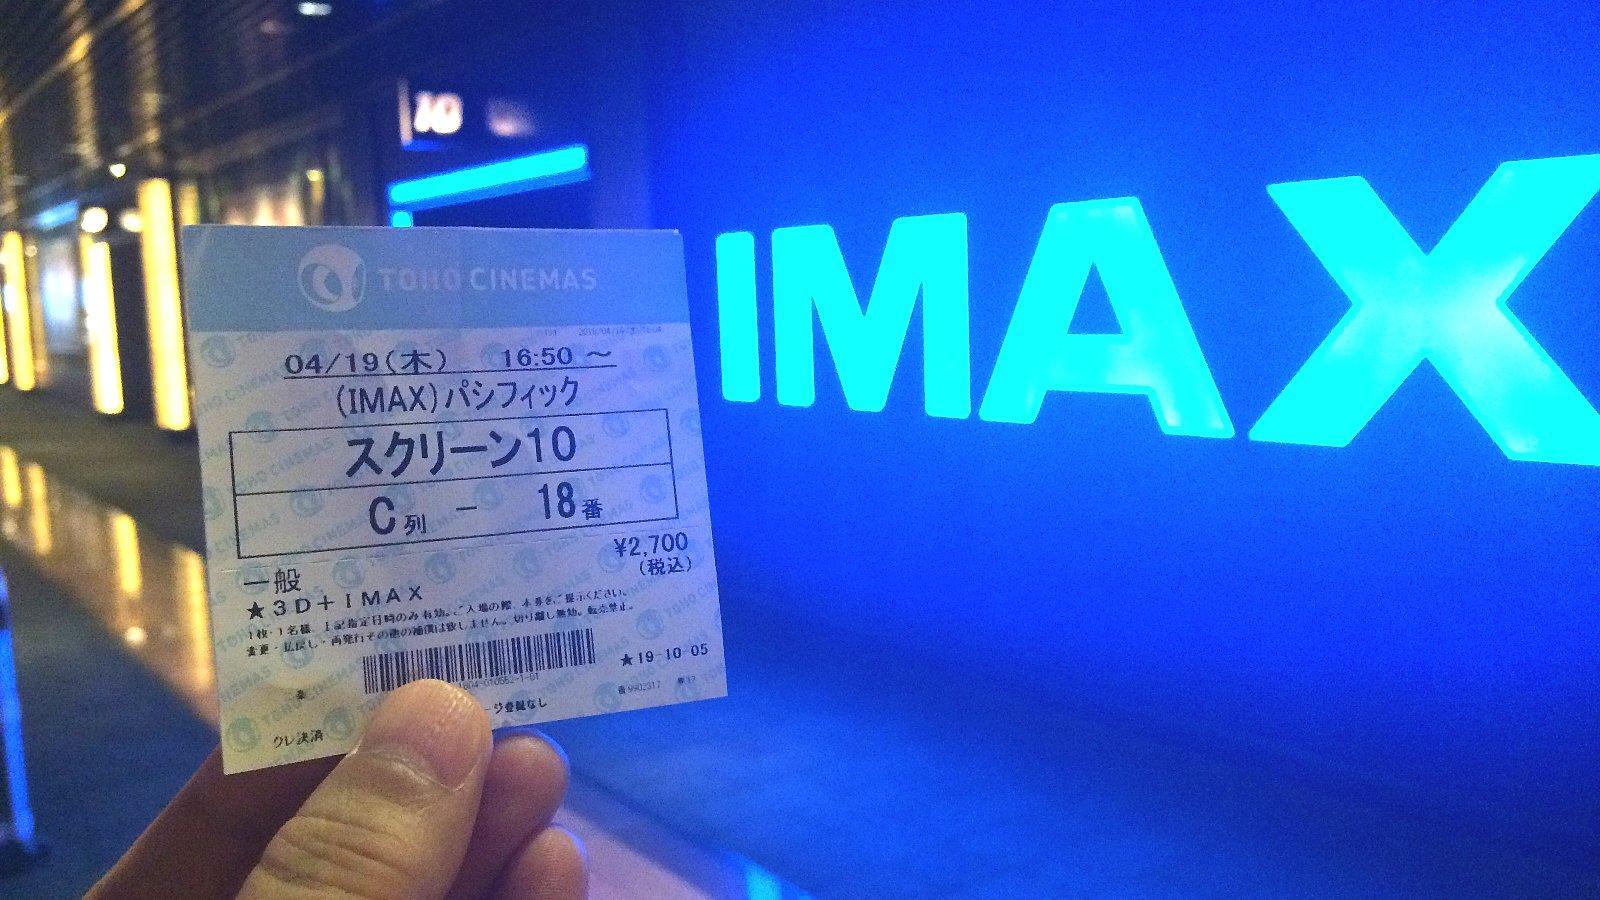 20180419 チケット